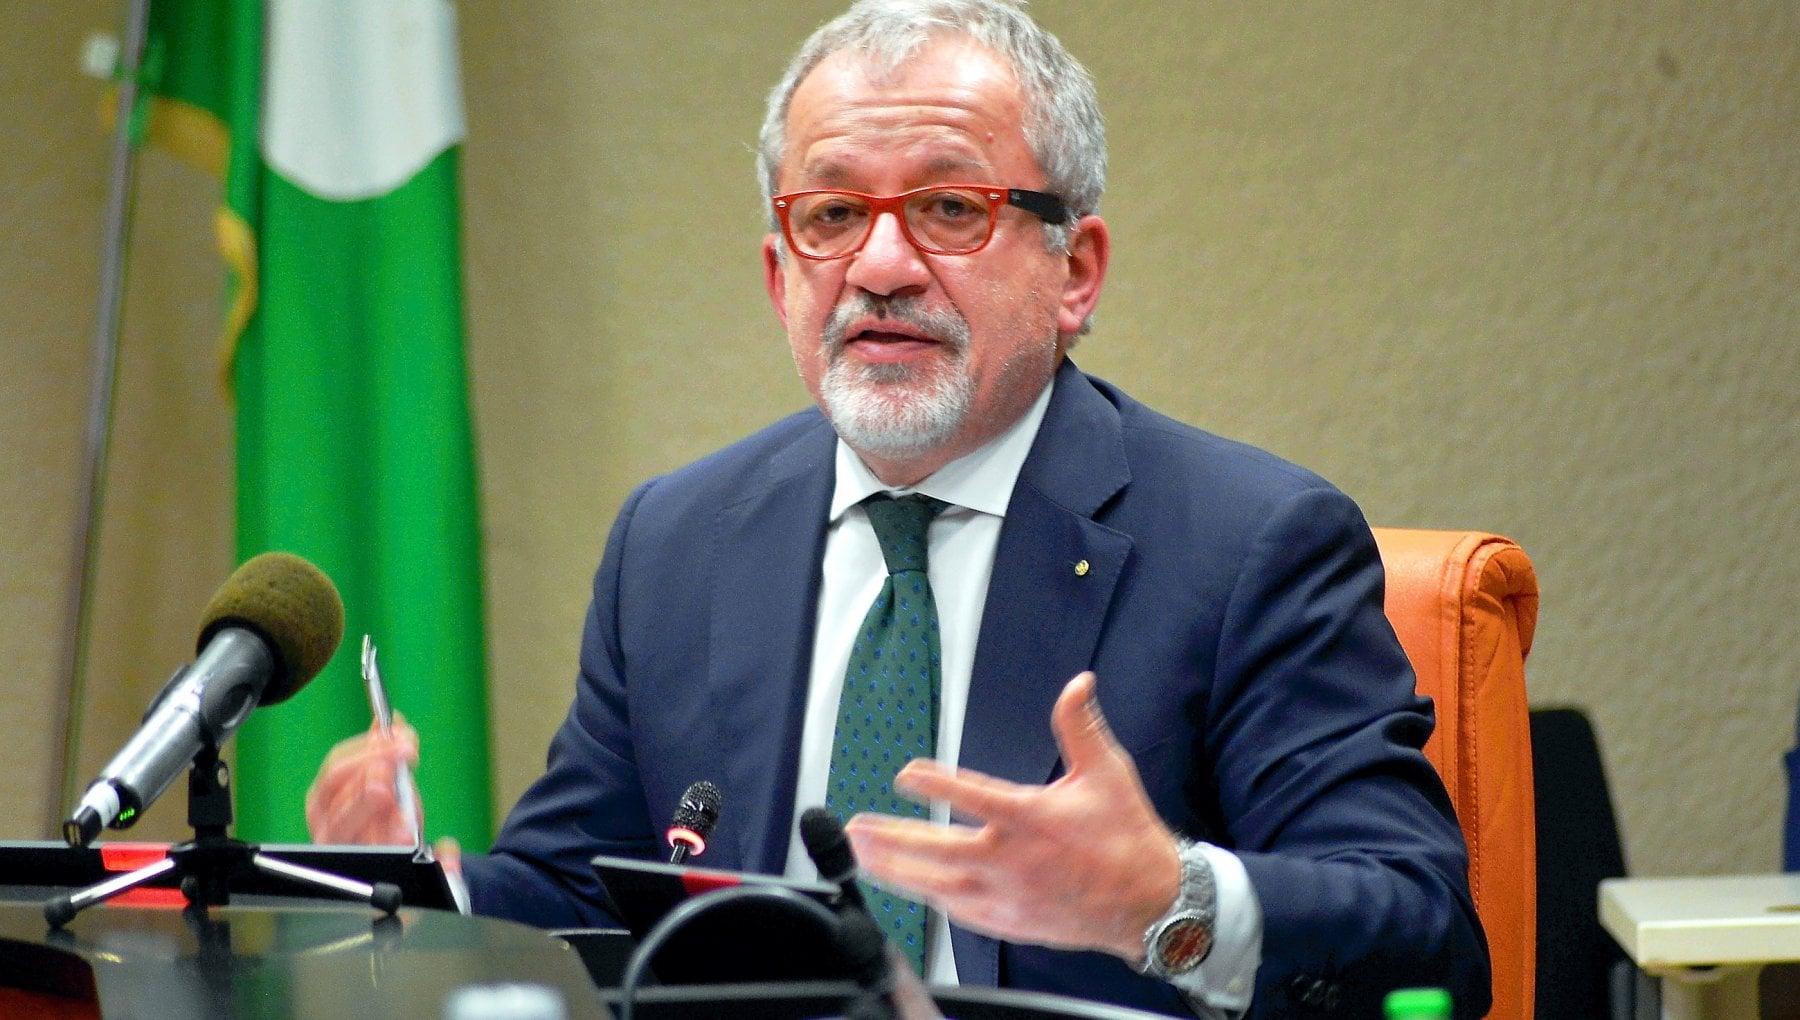 Roberto Maroni assolto in Cassazione per i contratti Expo Reato non configurabile